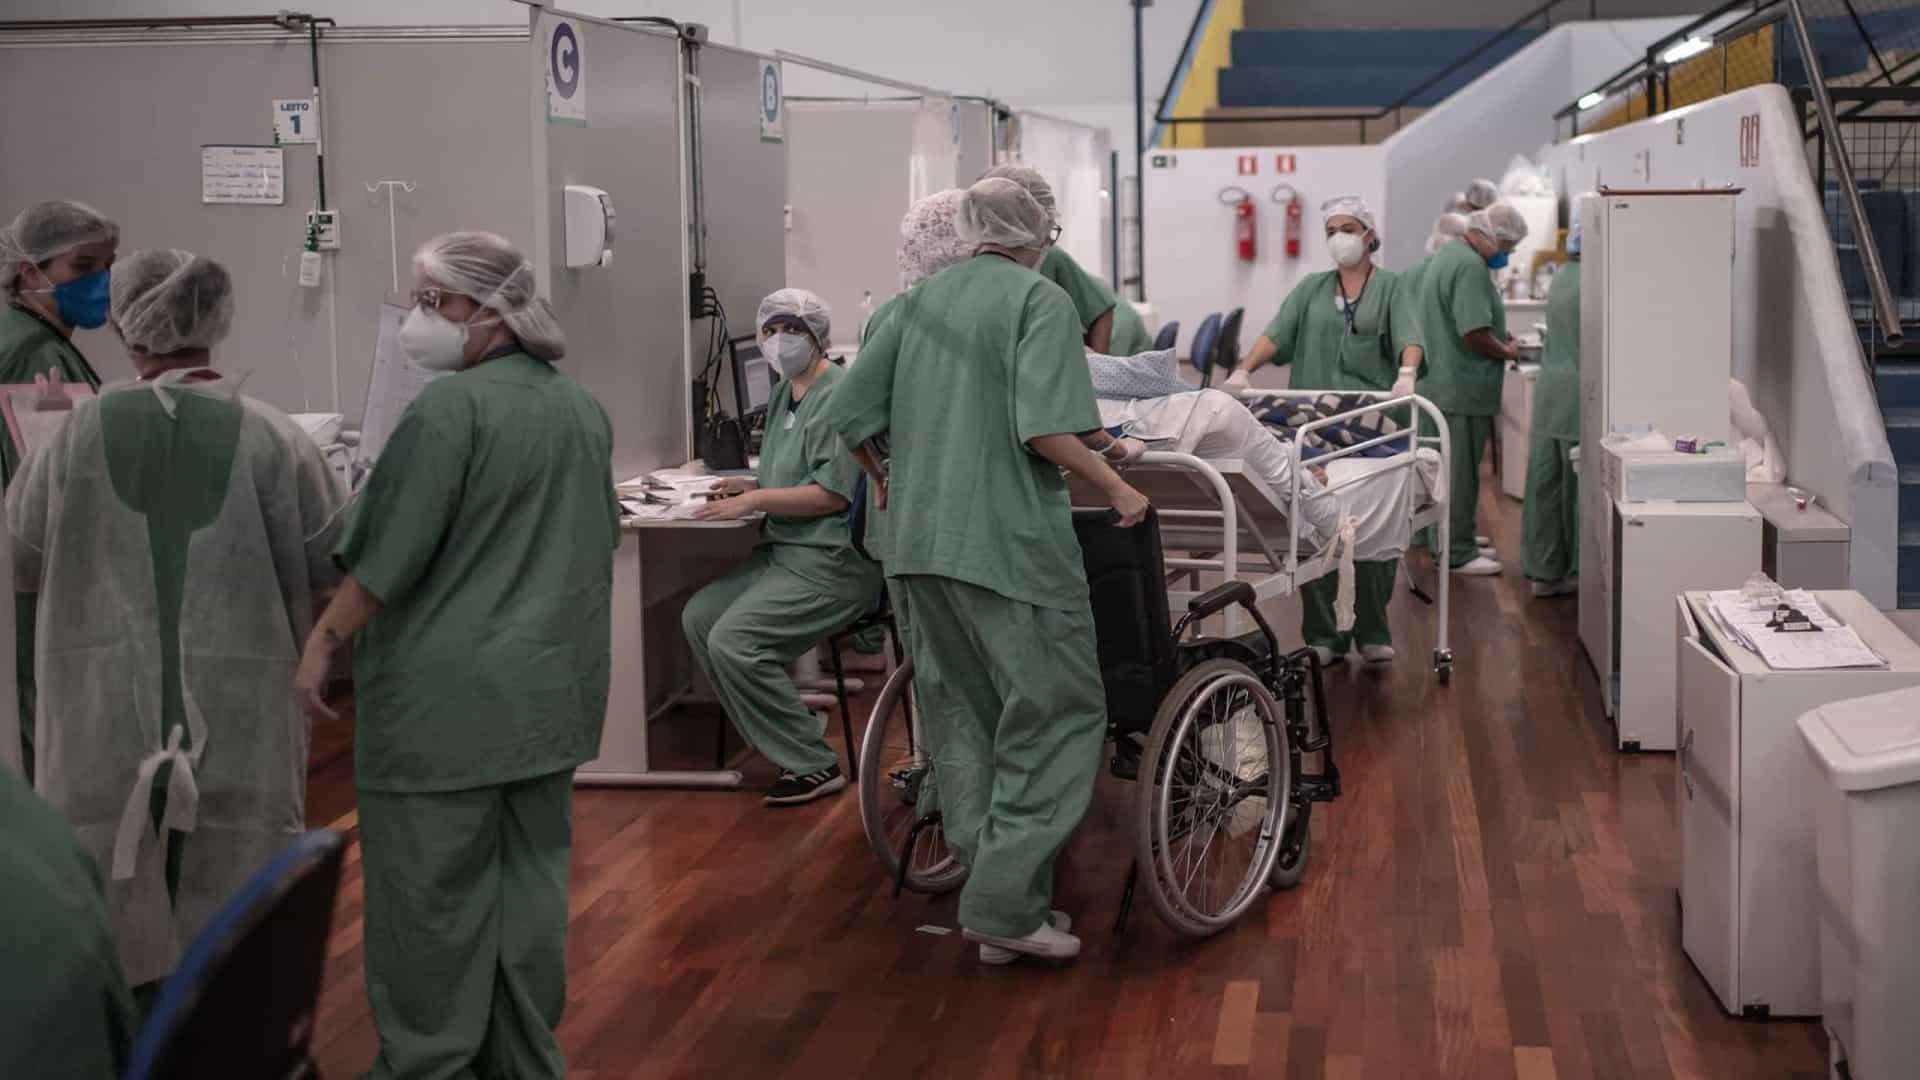 Triplica mortalidade de pessoas até 45 anos nas UTIs brasileiras